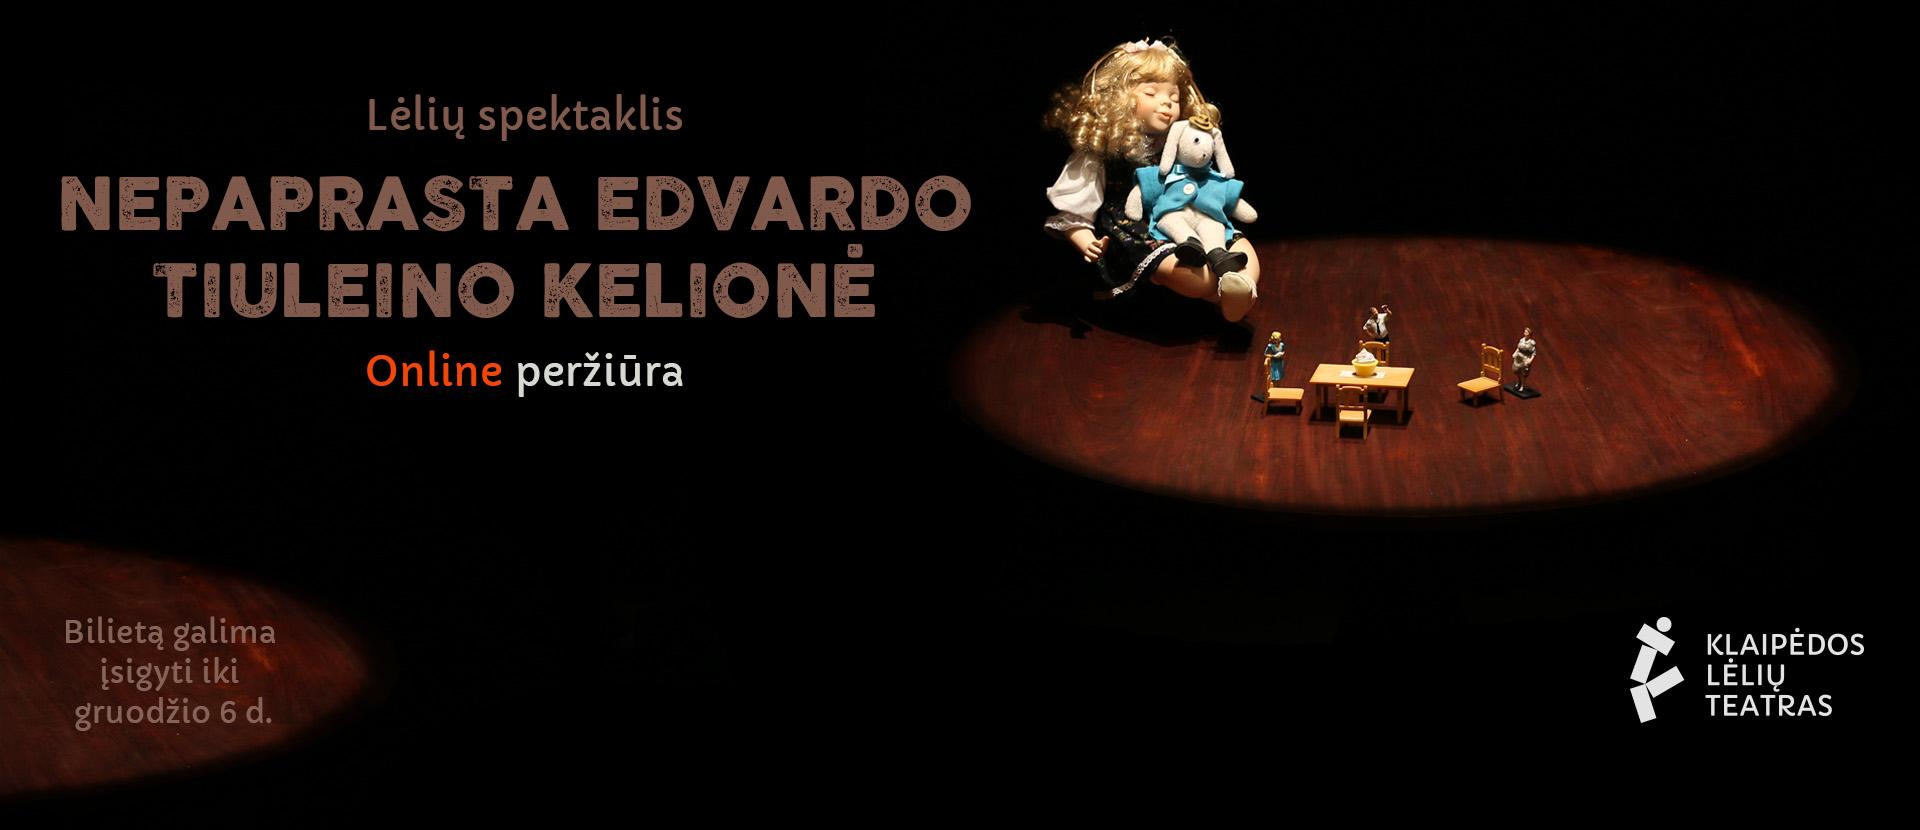 Online: NEPAPRASTA EDVARDO TIULEINO KELIONĖ